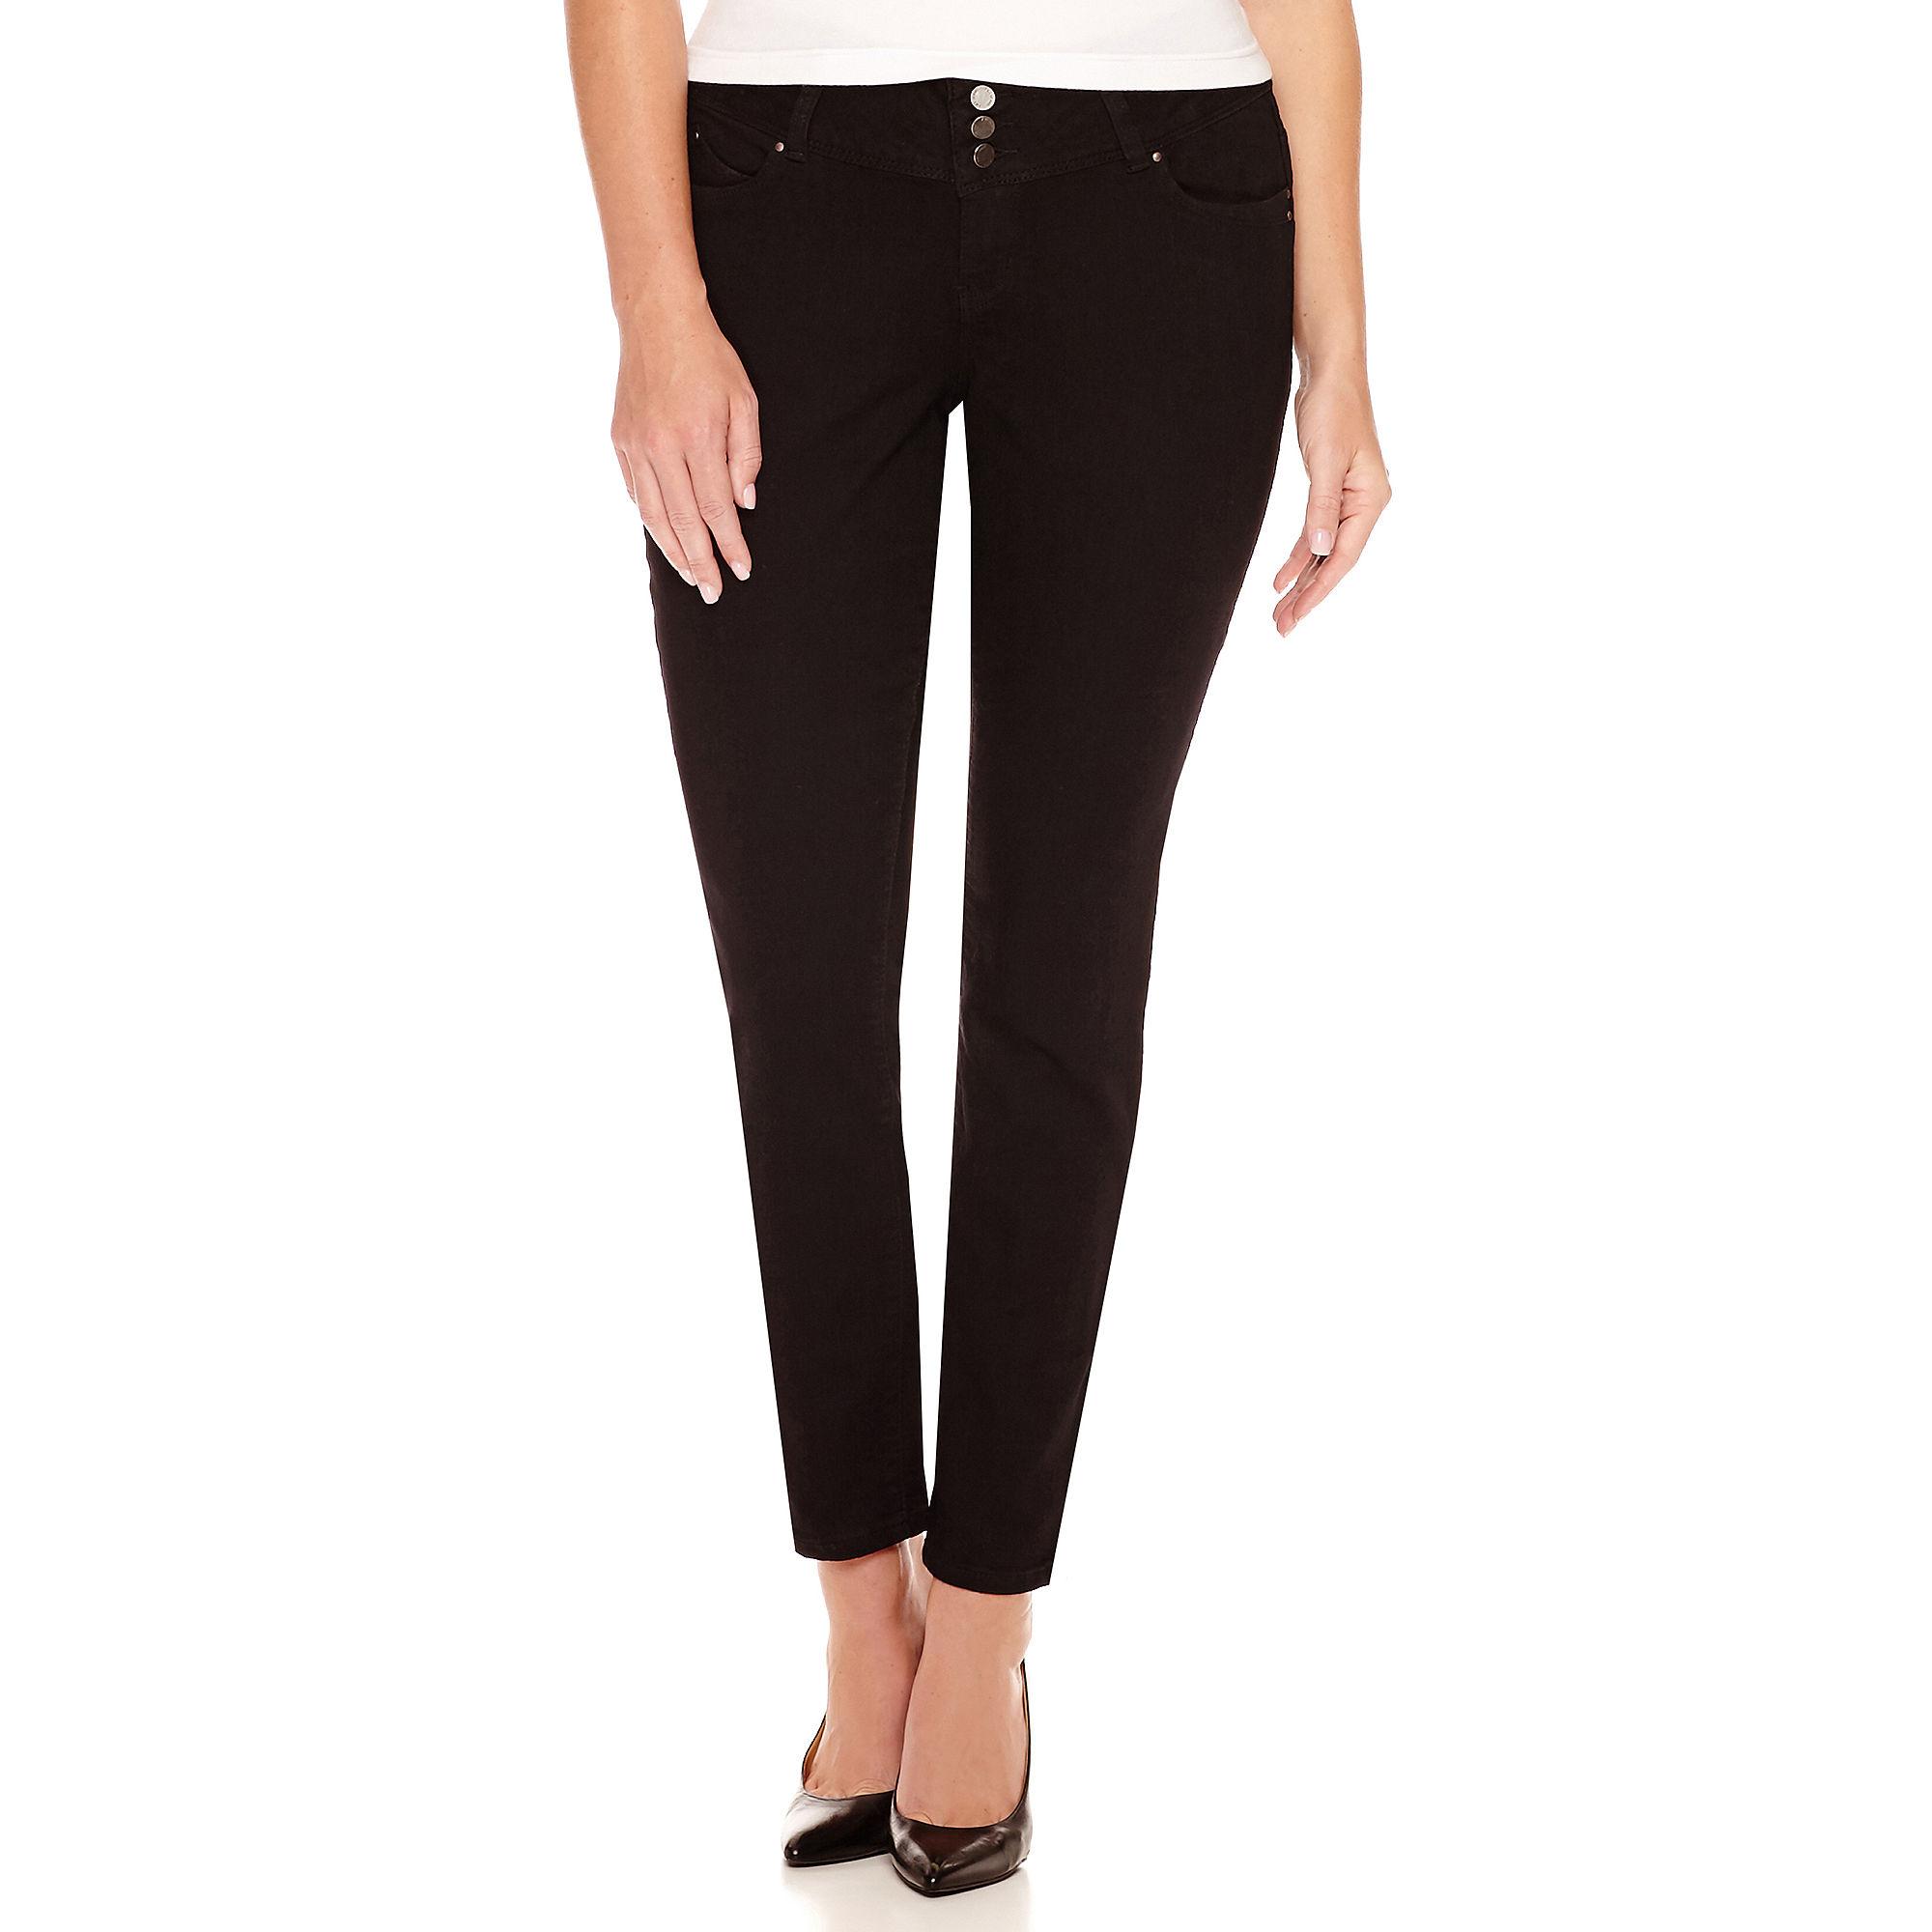 YMI Wanna Betta Butt Skinny Jeans - Plus